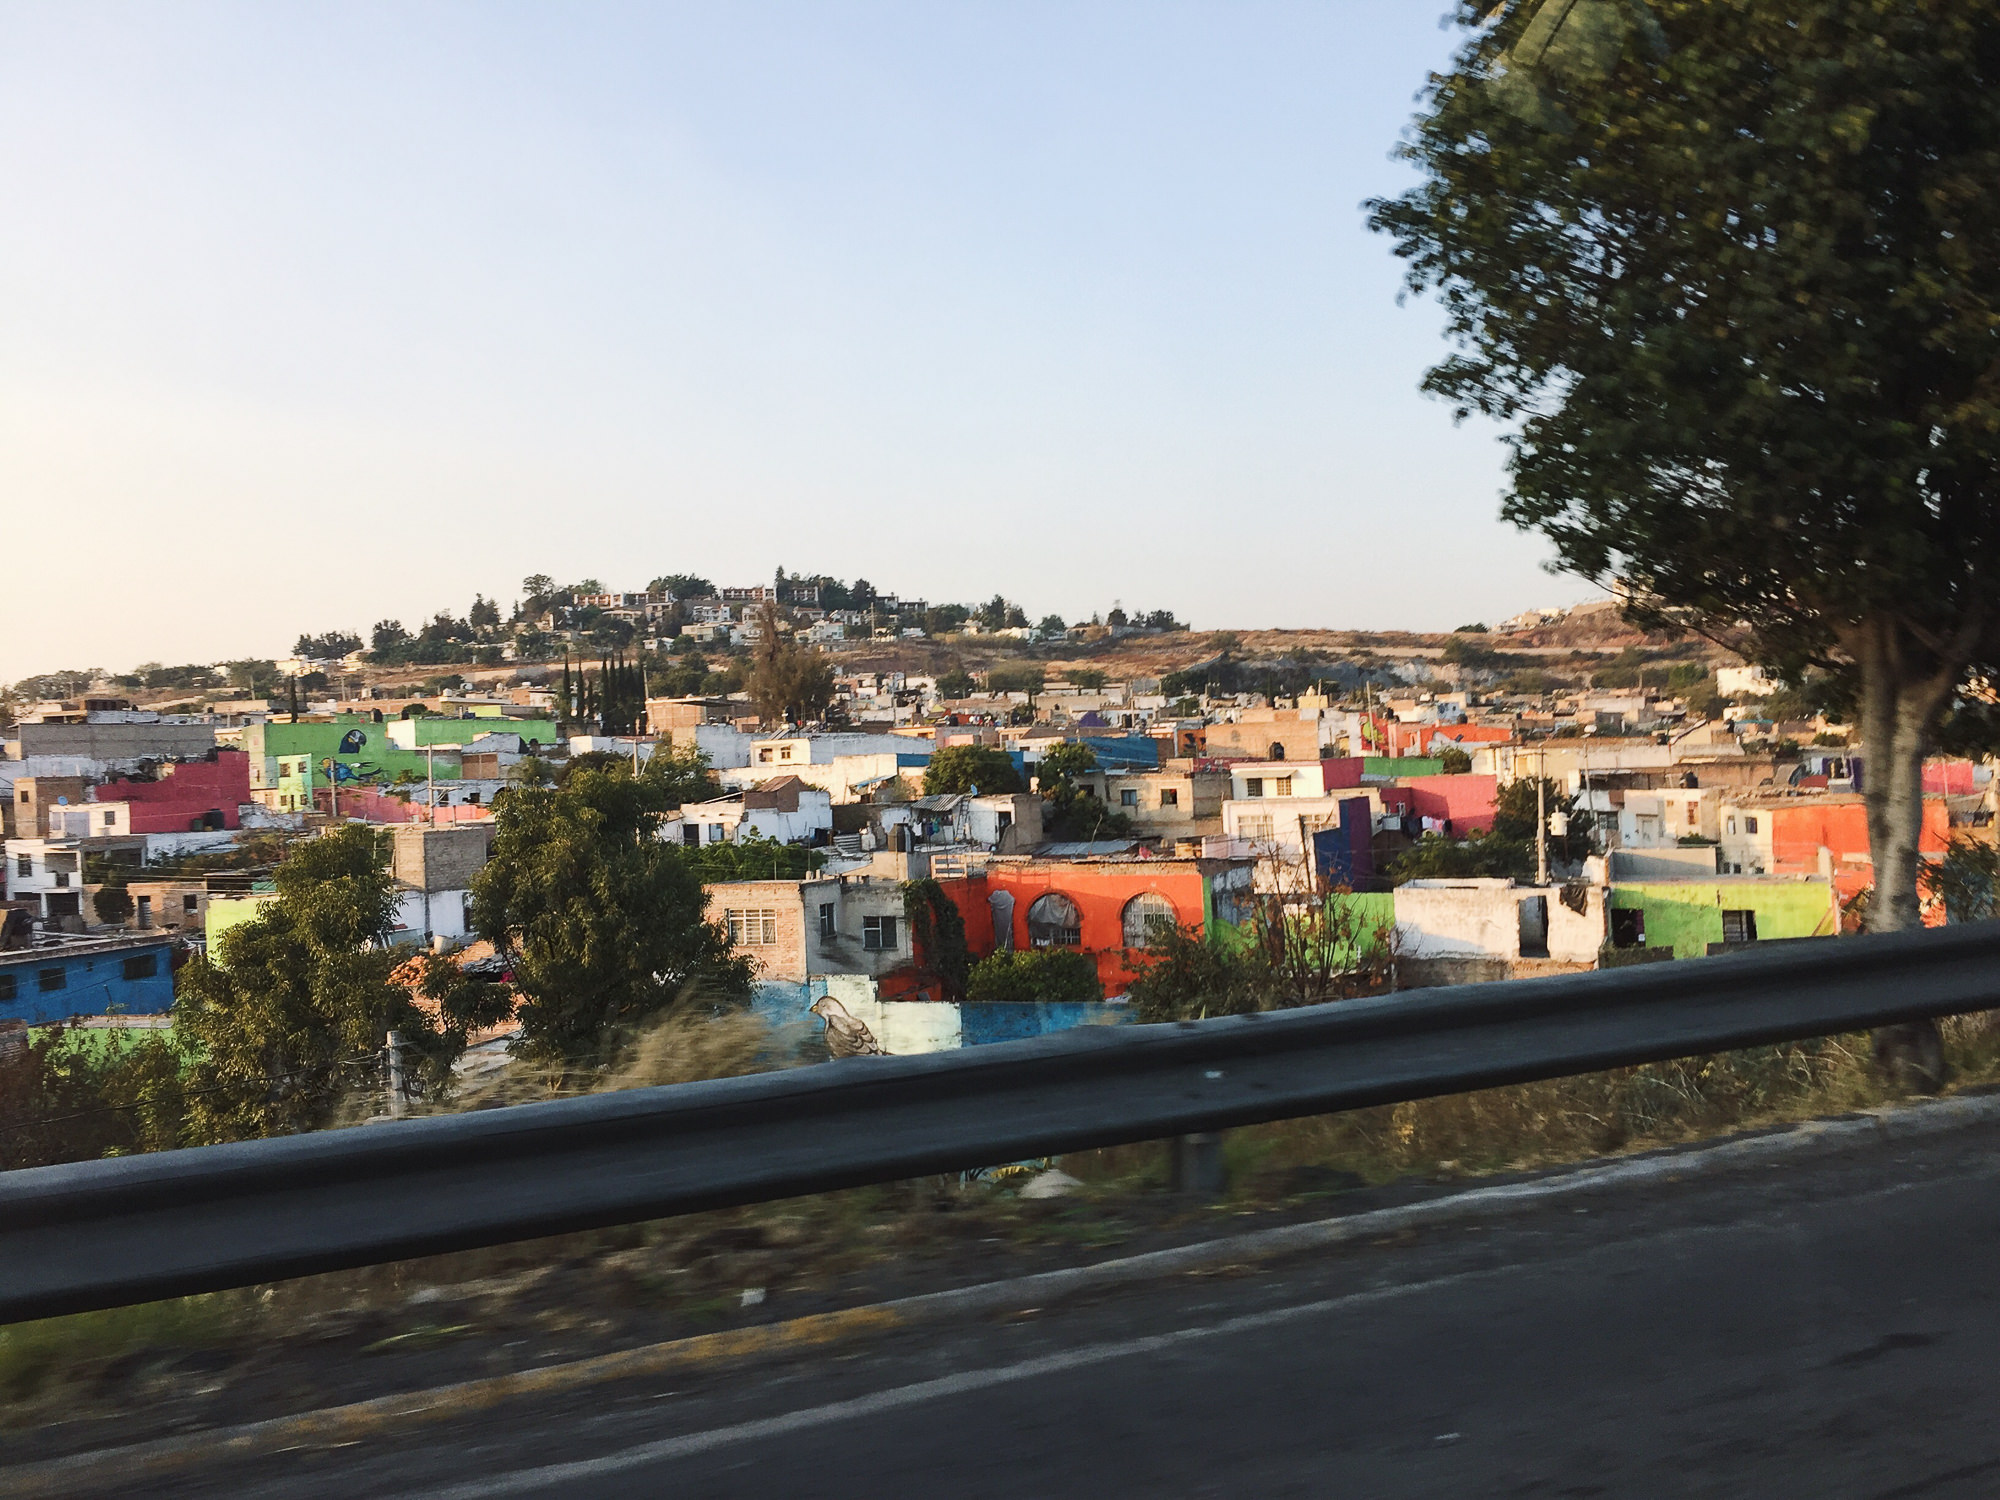 En route to the Miguel Hidalgo y Costilla Guadalajara International Airport